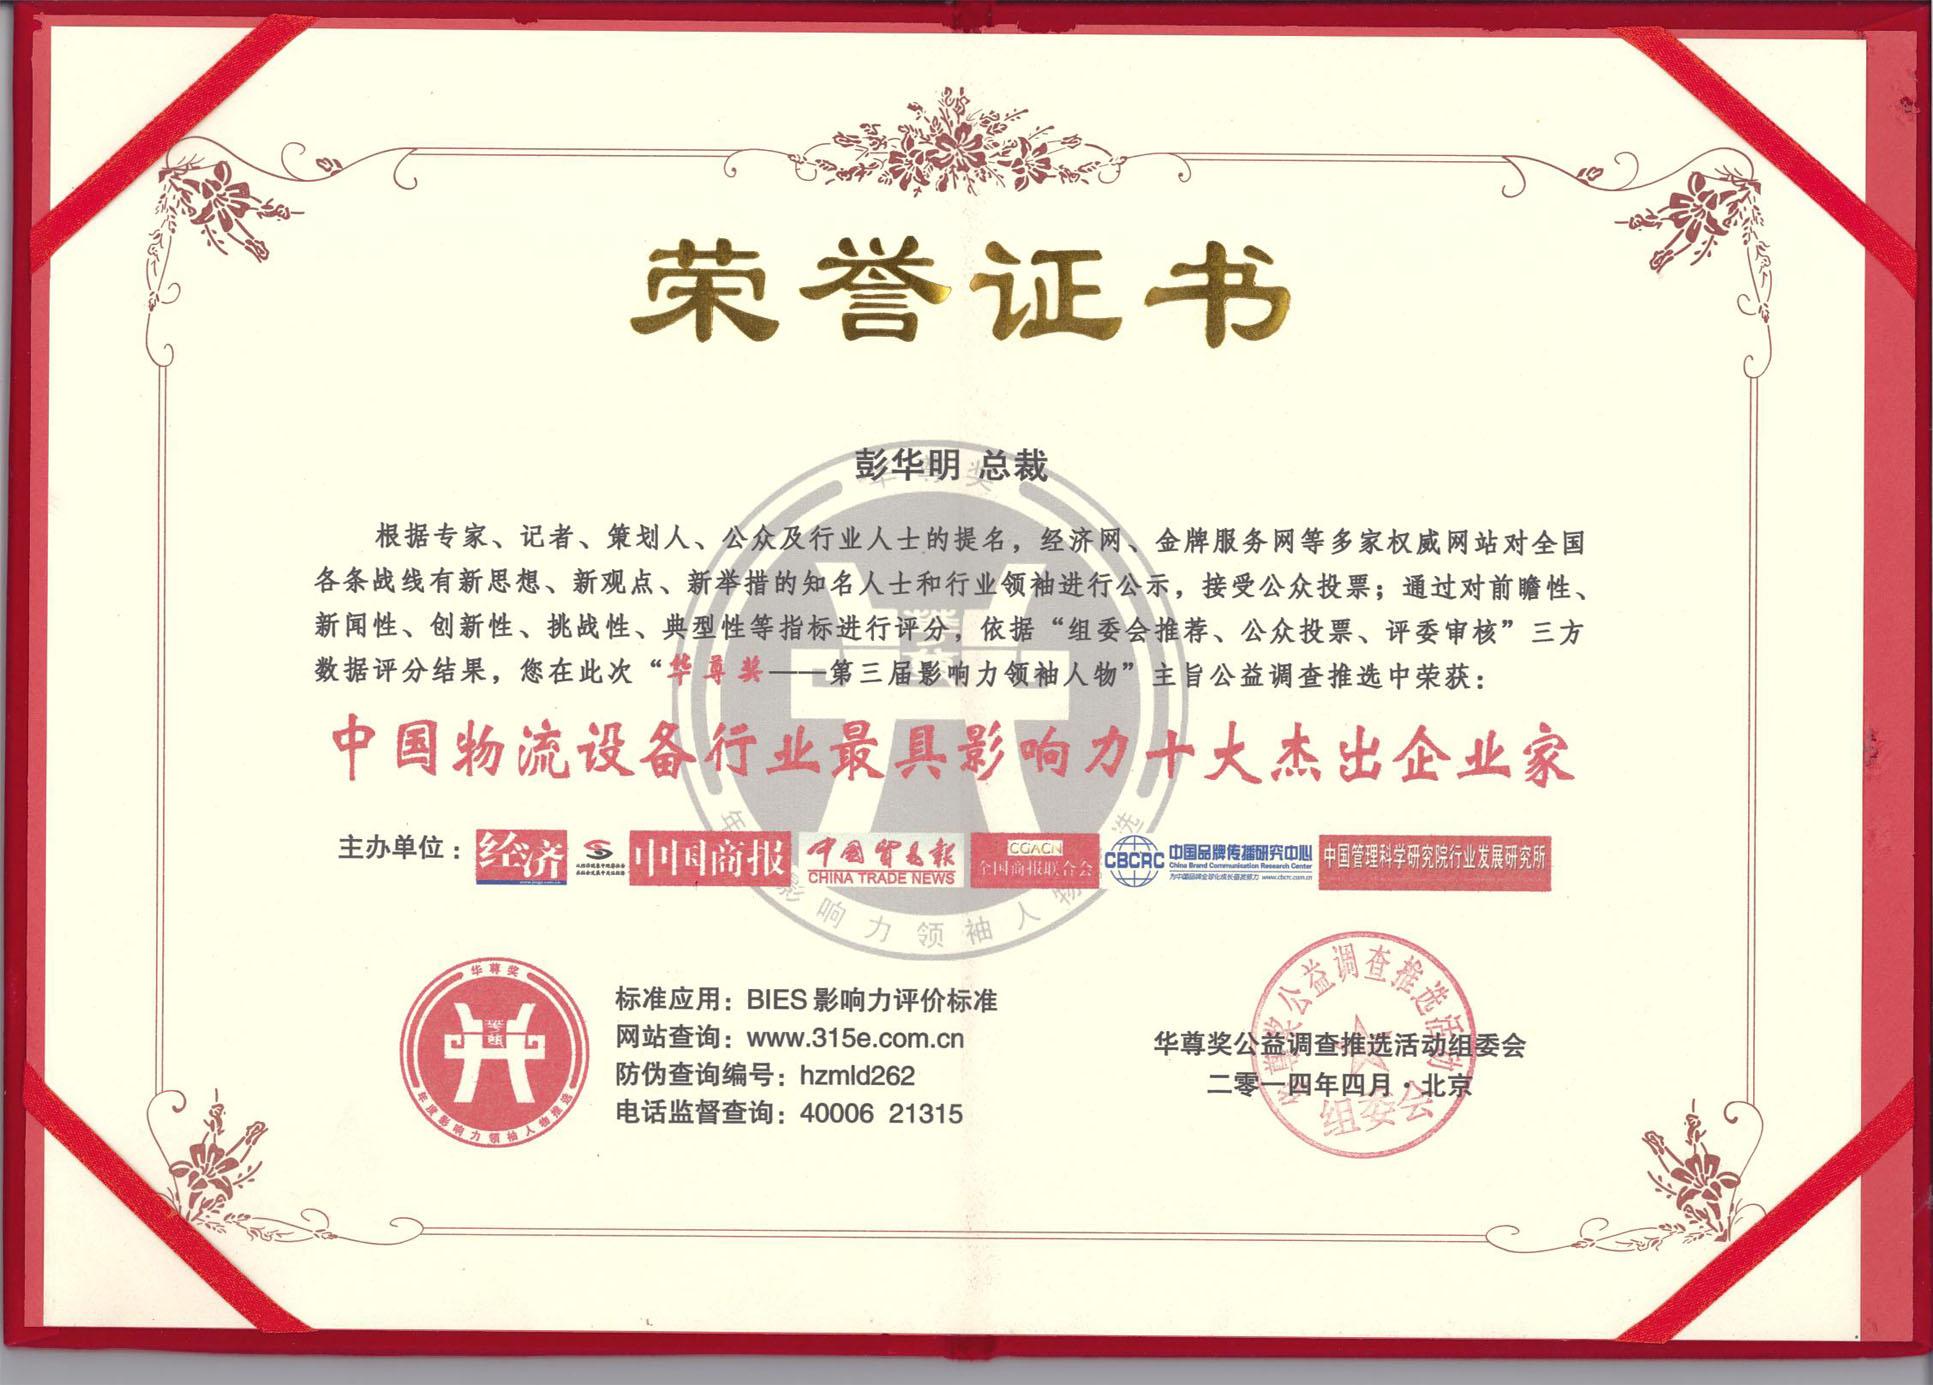 中国物流设备行业最具影响力十大杰出企业家